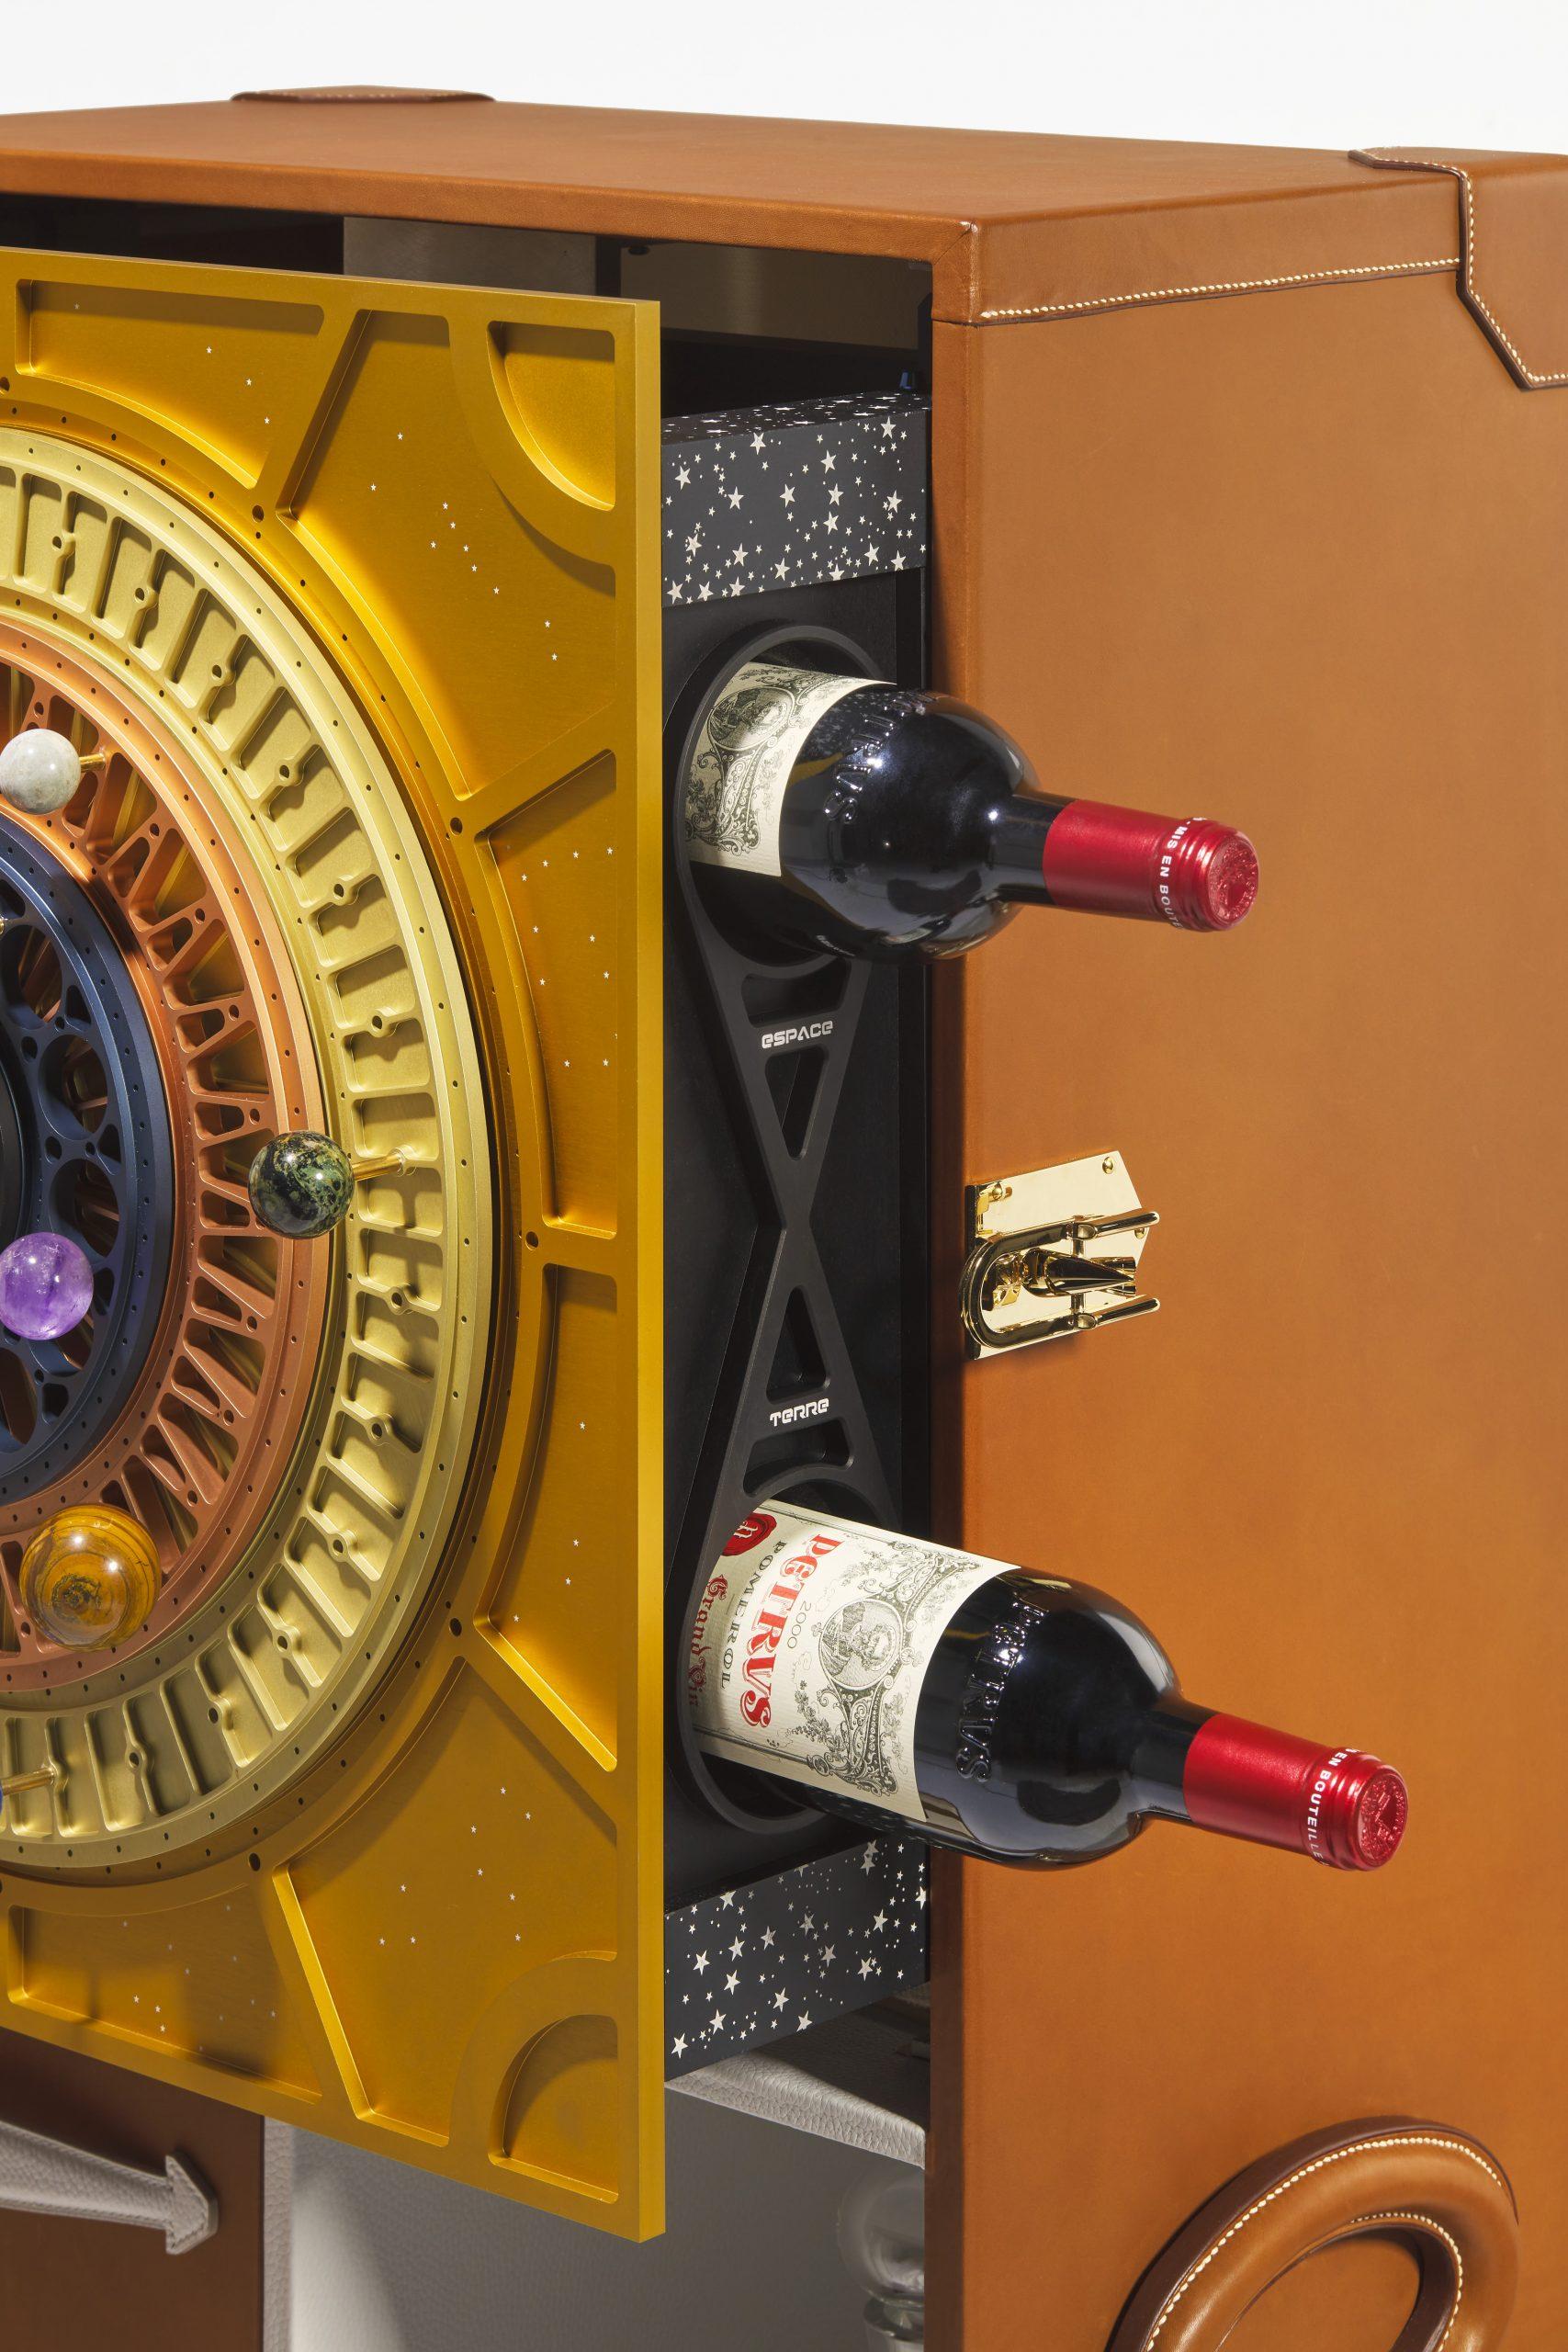 space-aged Pétrus 2000 wine